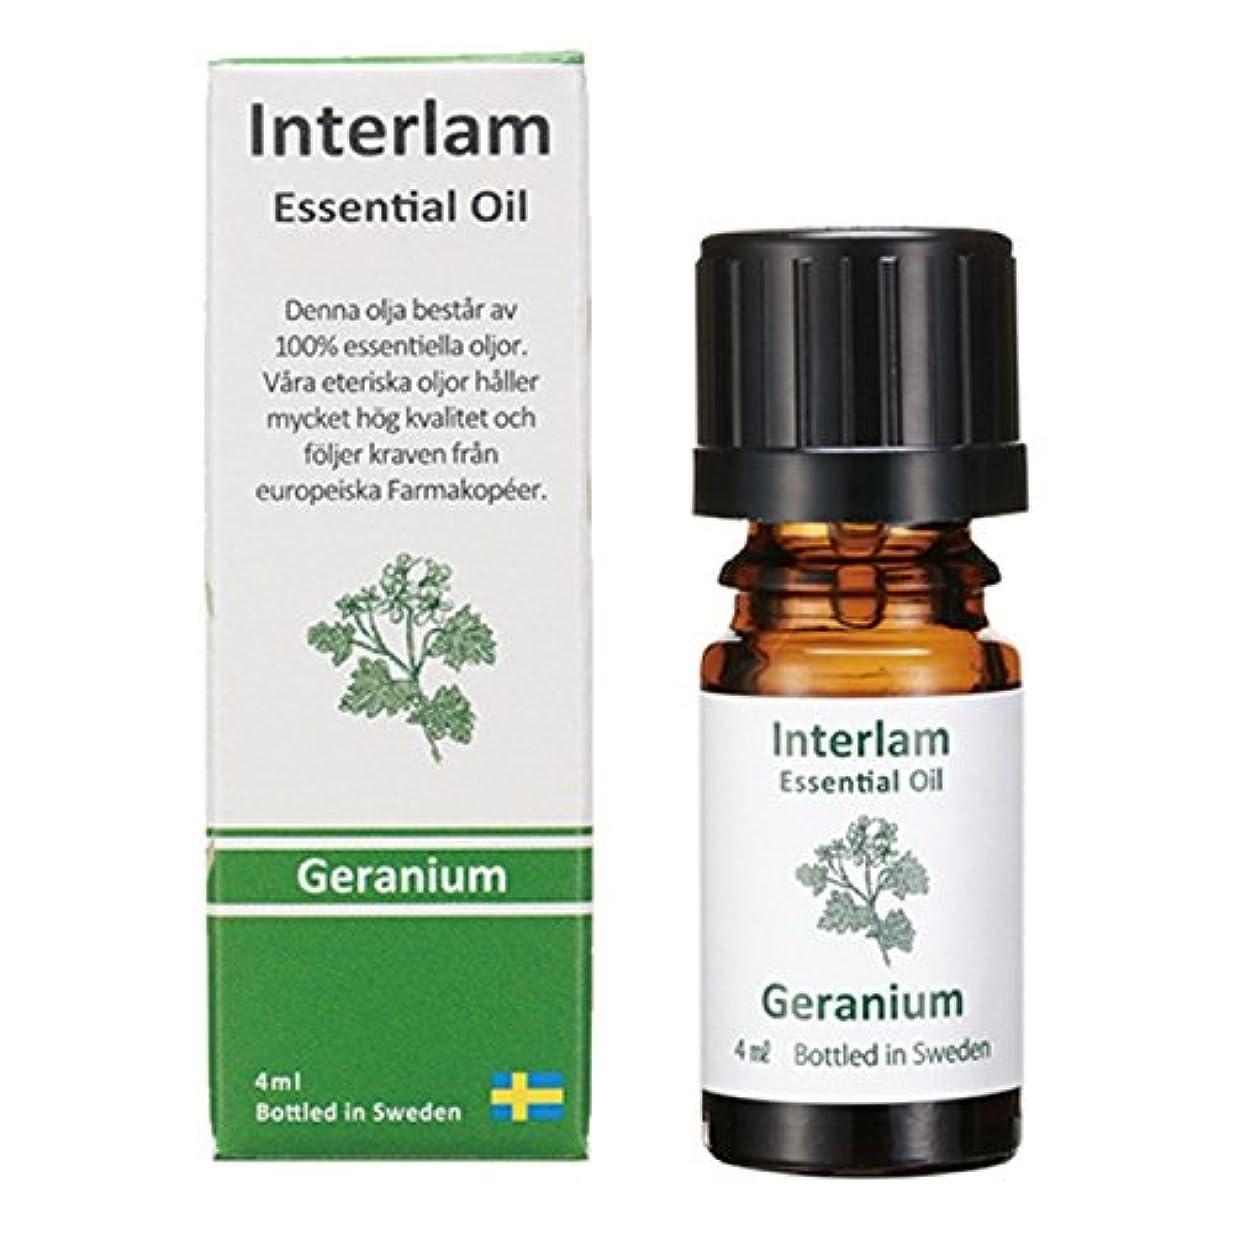 Interlam エッセンシャルオイル ゼラニウム 4ml